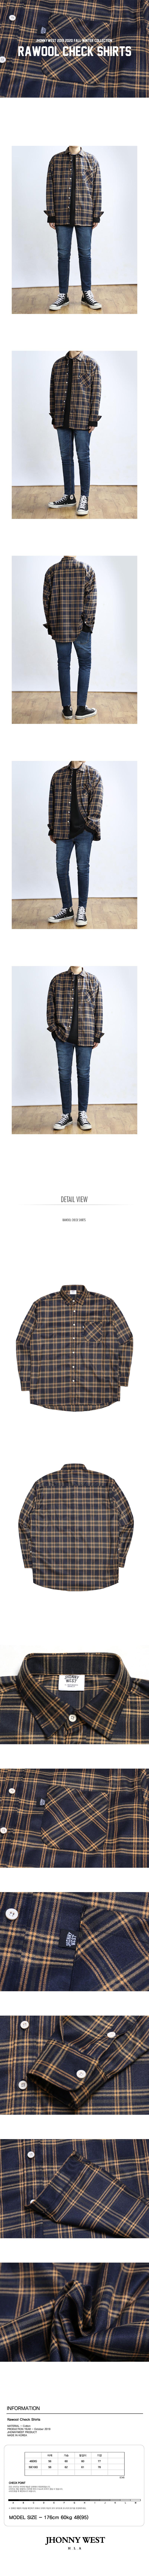 JHONNYWEST - Rawool Check Shirts (NV/Ryon)